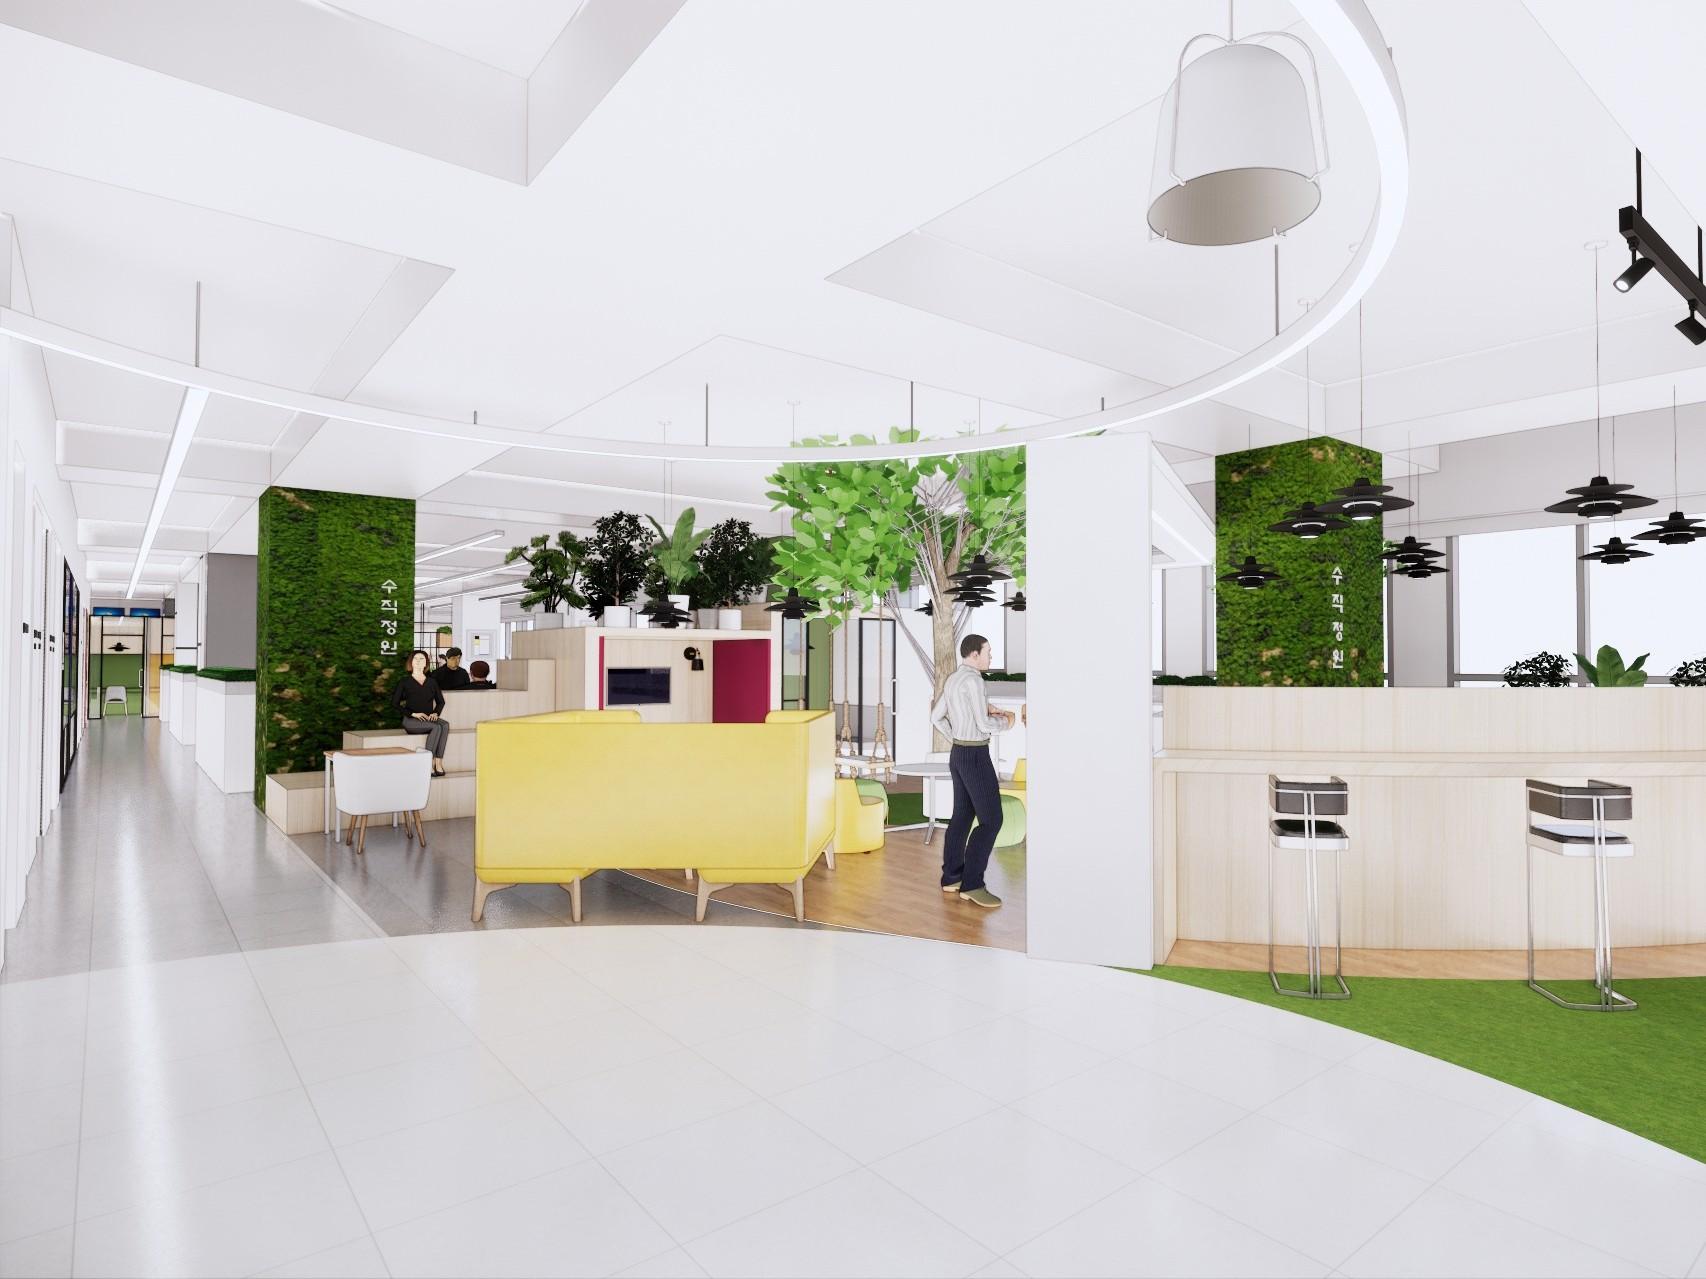 건축.인테리어 공간기획, 공간디자인, 제안서 대행해 드립니다.